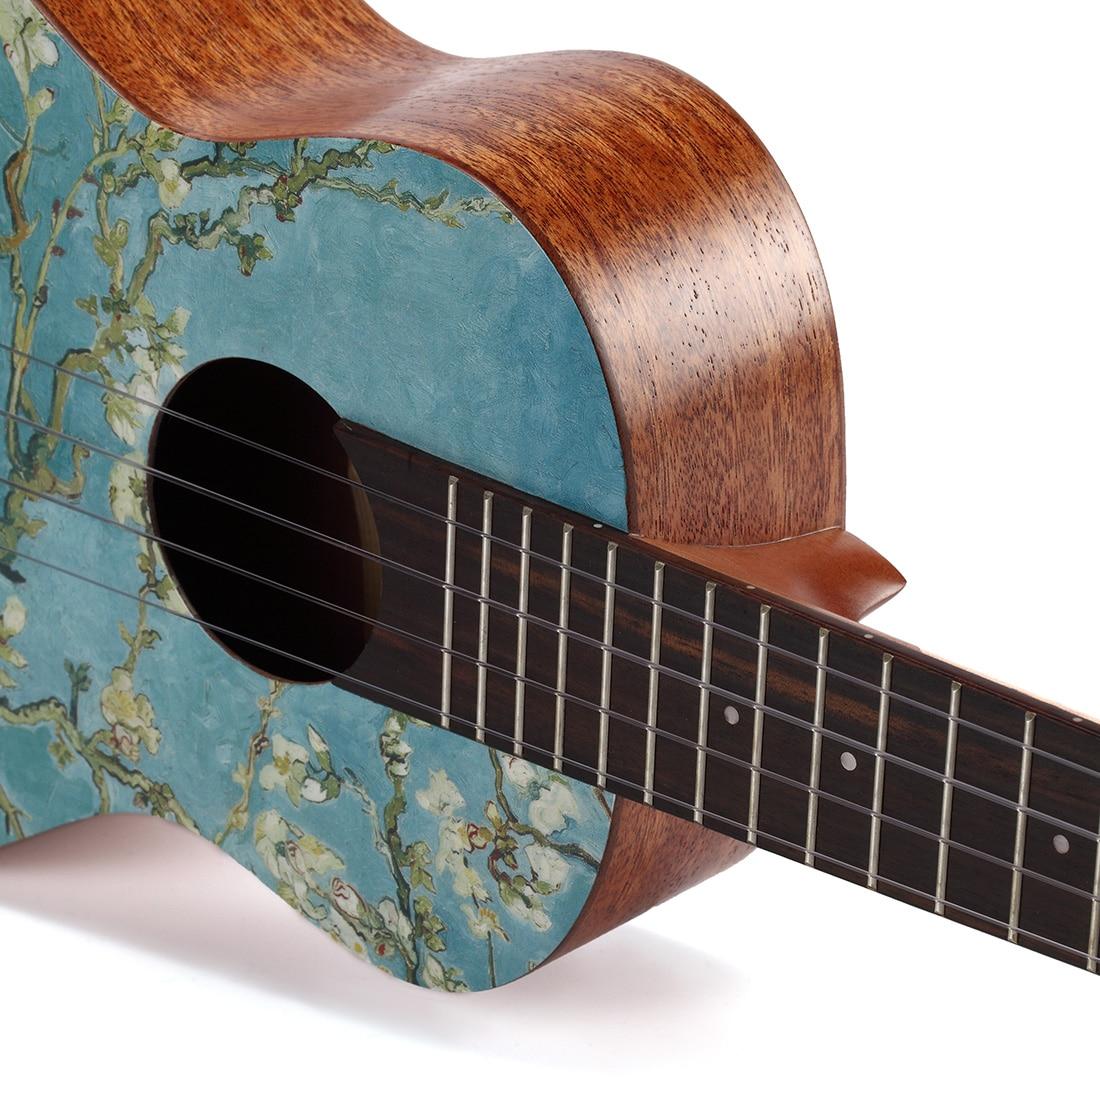 TOM 23 Inch Ukulele Mahogany Rosewood Hawaii Strings Guitar & Van Gogh Artist Series Wheat Field Apricot Flower Paint enlarge